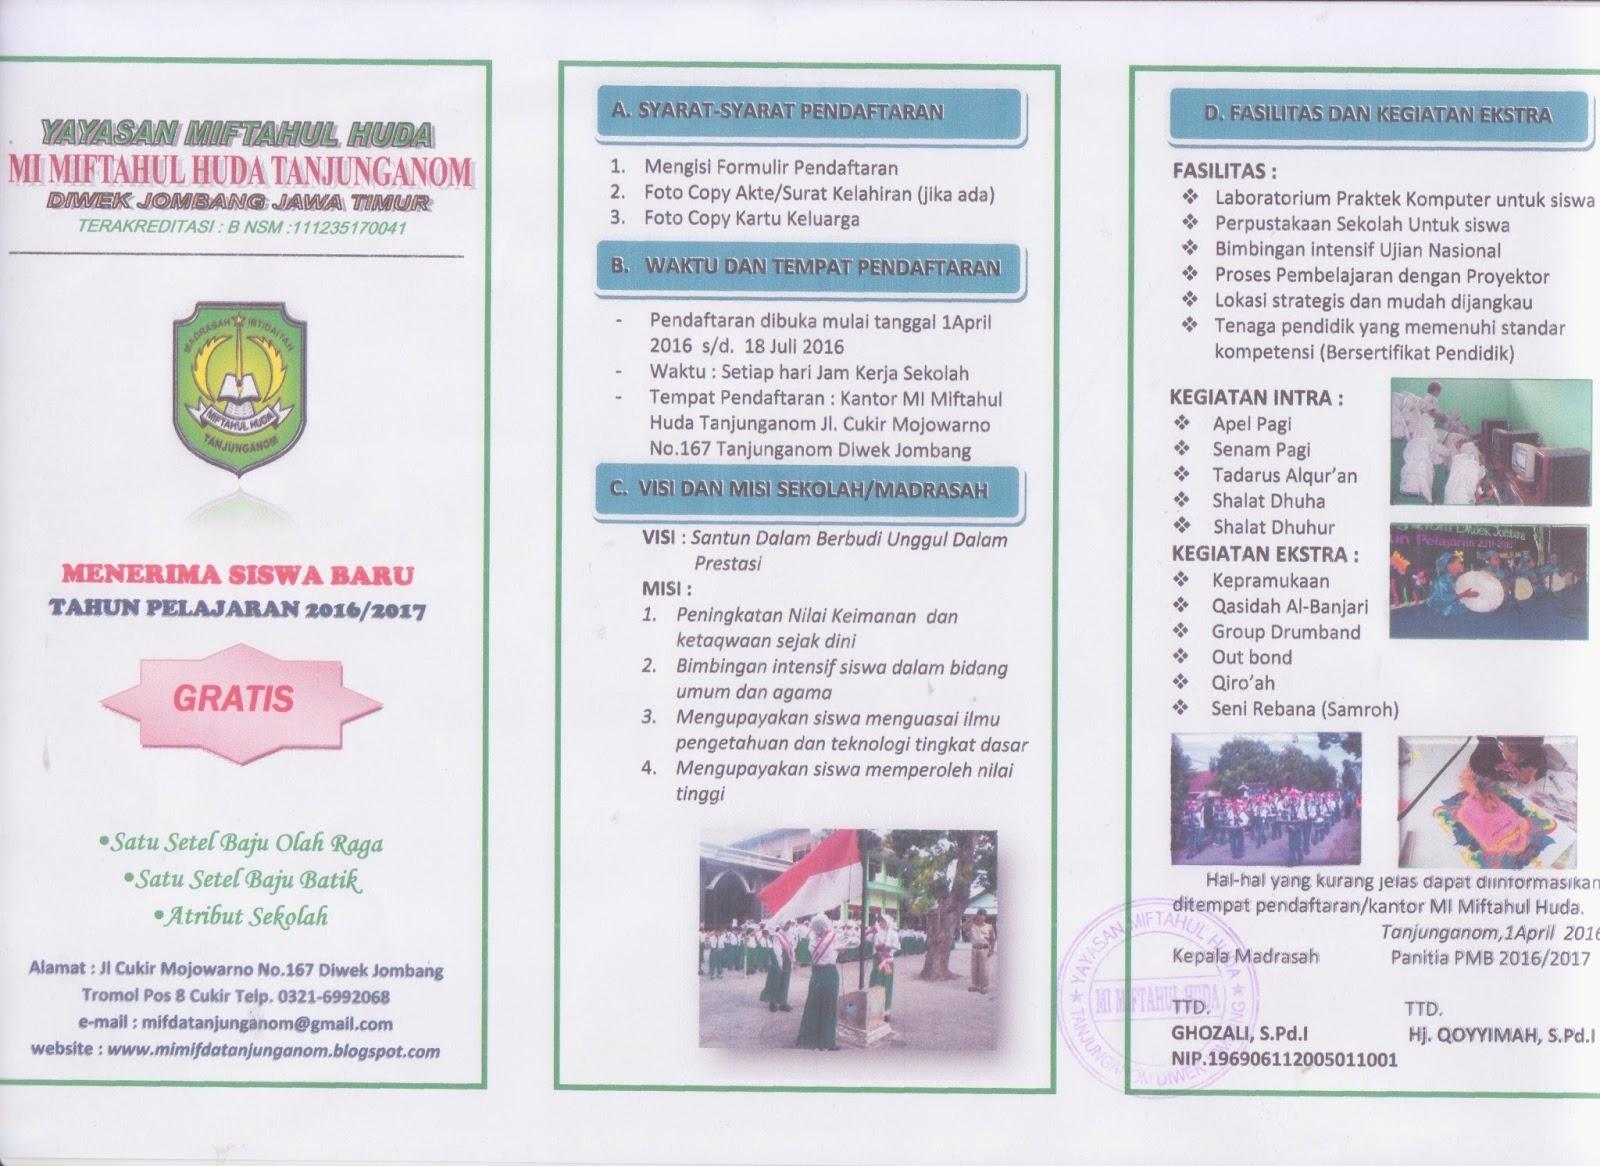 Mi Miftahul Huda Tanjunganom Diwek Jombang